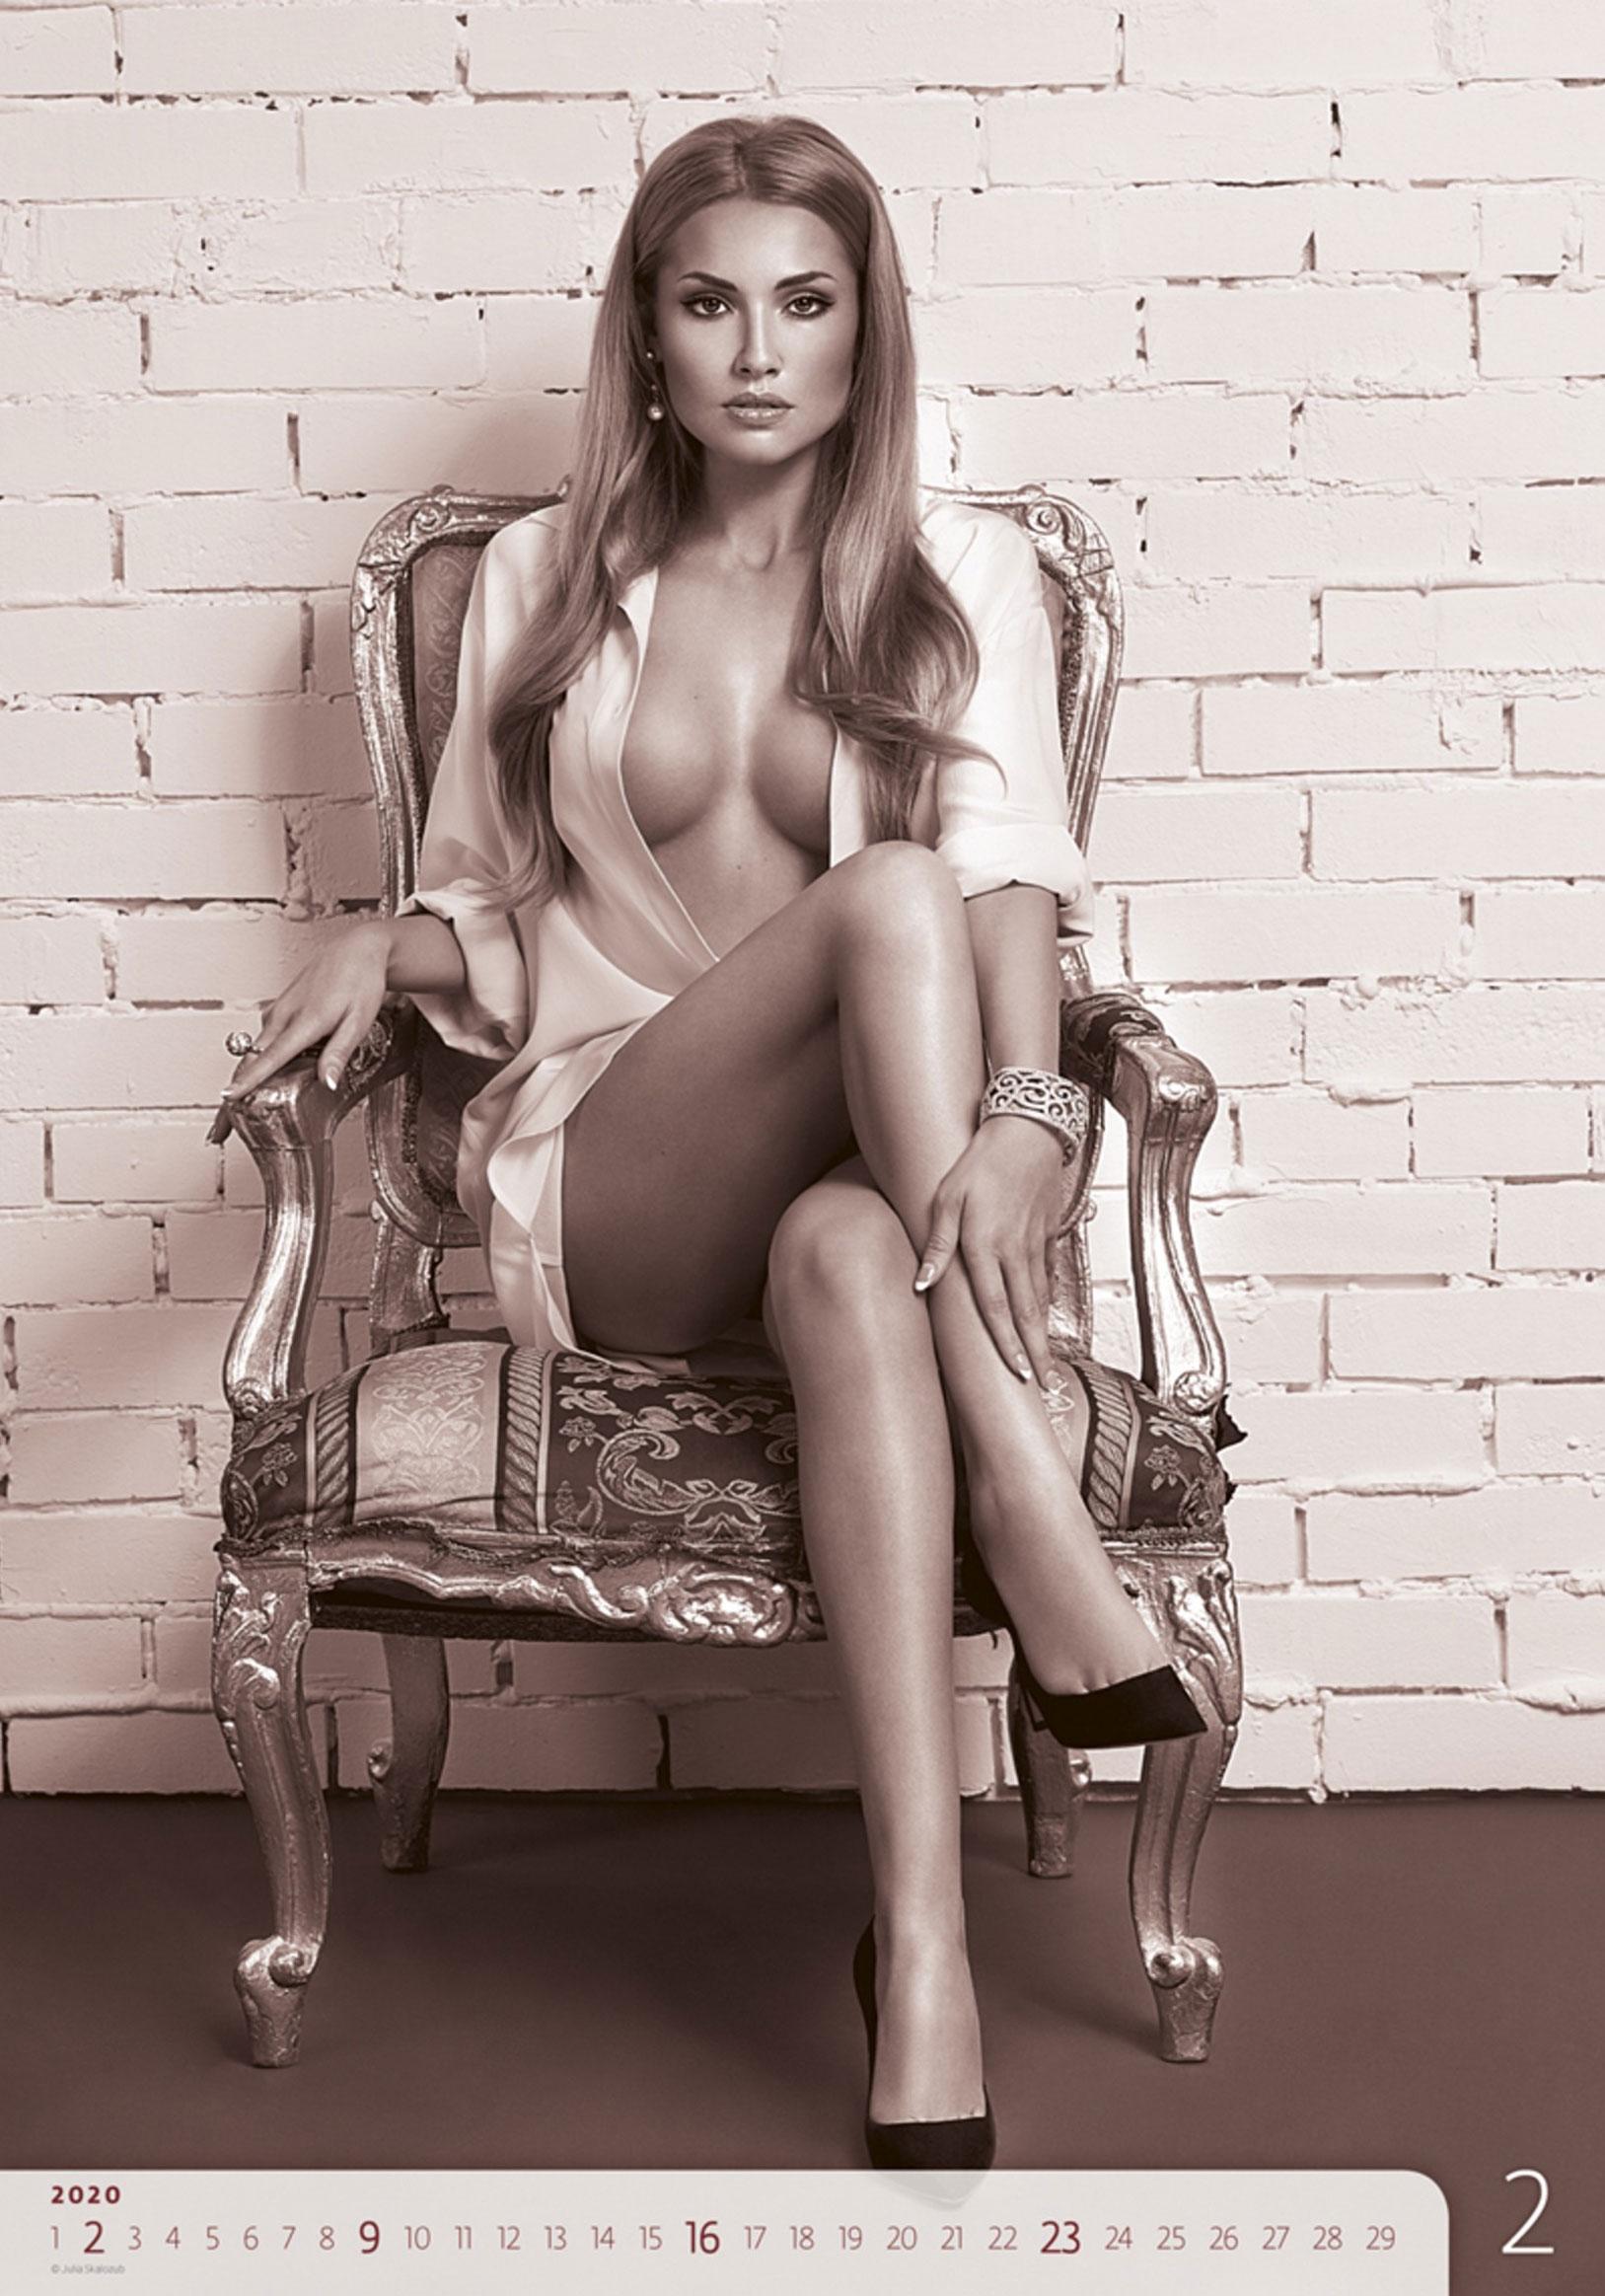 Сексуальные голые девушки в календаре на 2020 год, фотограф Юлия Скалозуб / февраль